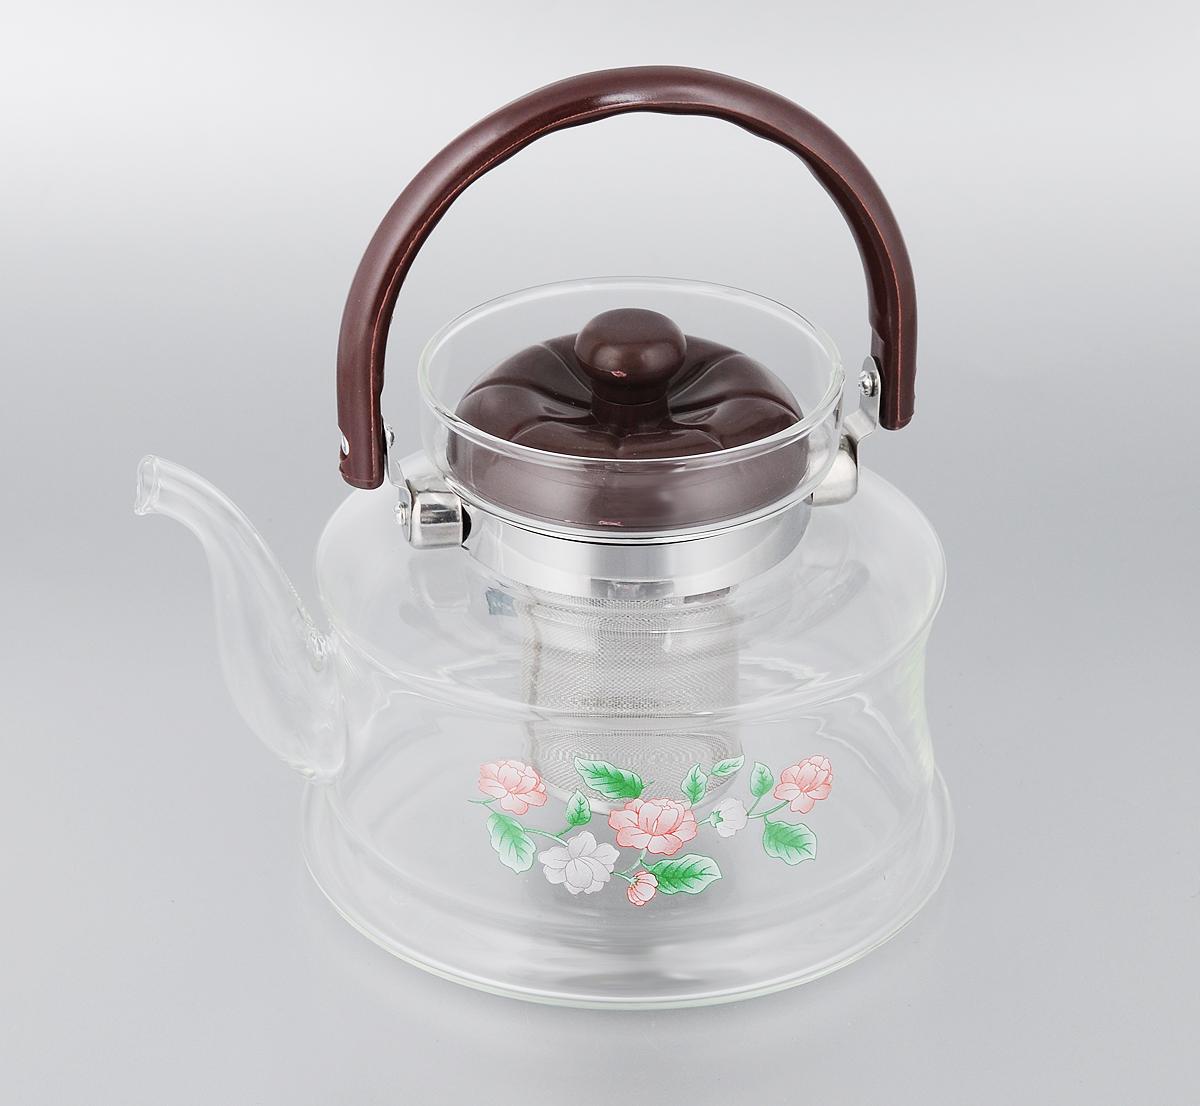 Чайник заварочный Mayer & Boch, с фильтром, 1,4 л. 2591CM000001328Заварочный чайник Mayer & Boch, выполненный из термостойкого стекла, предоставит вам все необходимые возможности для успешного заваривания чая. Изделие оснащено бакелитовой ручкой, крышкой и сетчатым фильтром из нержавеющей стали, который задерживает чаинки и предотвращает их попадание в чашку. Чай в таком чайнике дольше остается горячим, а полезные и ароматические вещества полностью сохраняются в напитке. Эстетичный и функциональный чайник будет оригинально смотреться в любом интерьере.Диаметр чайника (по верхнему краю): 9,5 см. Высота чайника (с учетом ручки и крышки): 19 см. Высота чайника (без учета ручки и крышки): 13 см. Высота фильтра: 7,5 см.